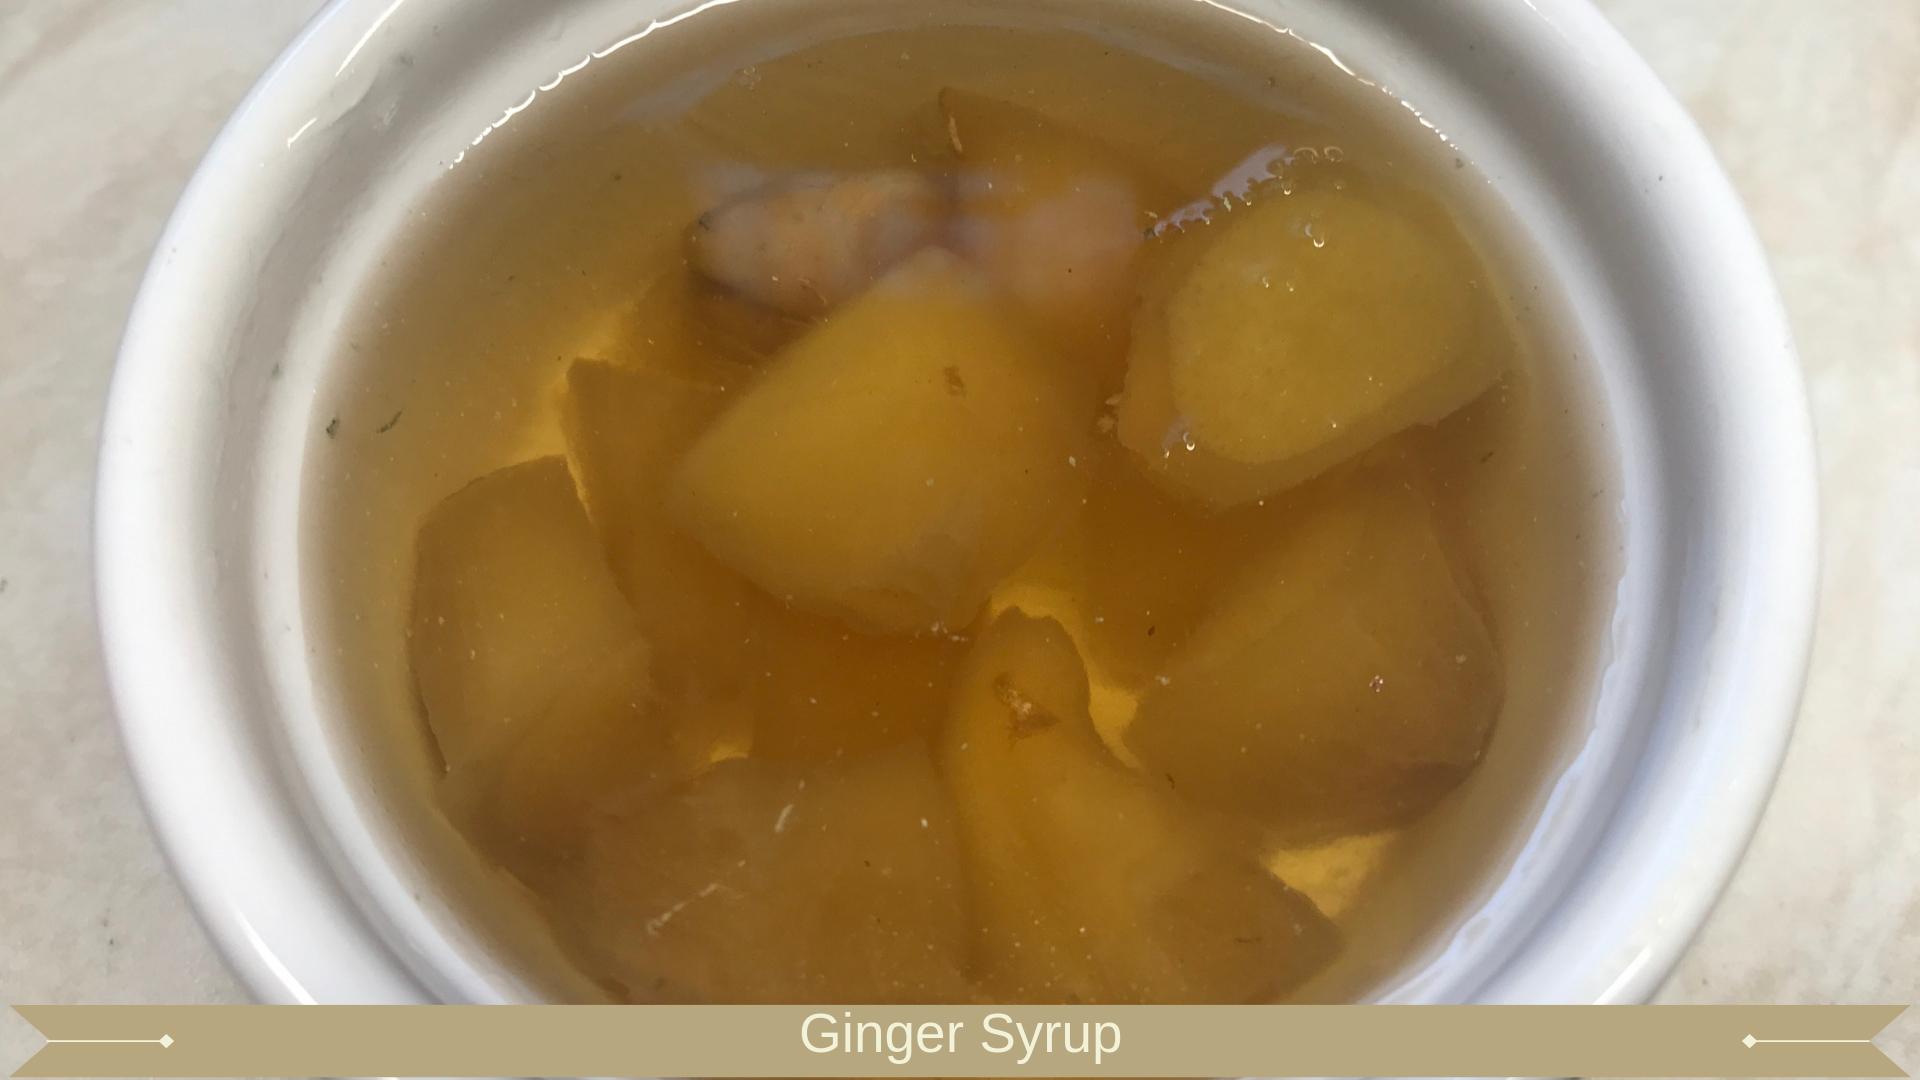 Ginger Syrup : Stem ginger or root